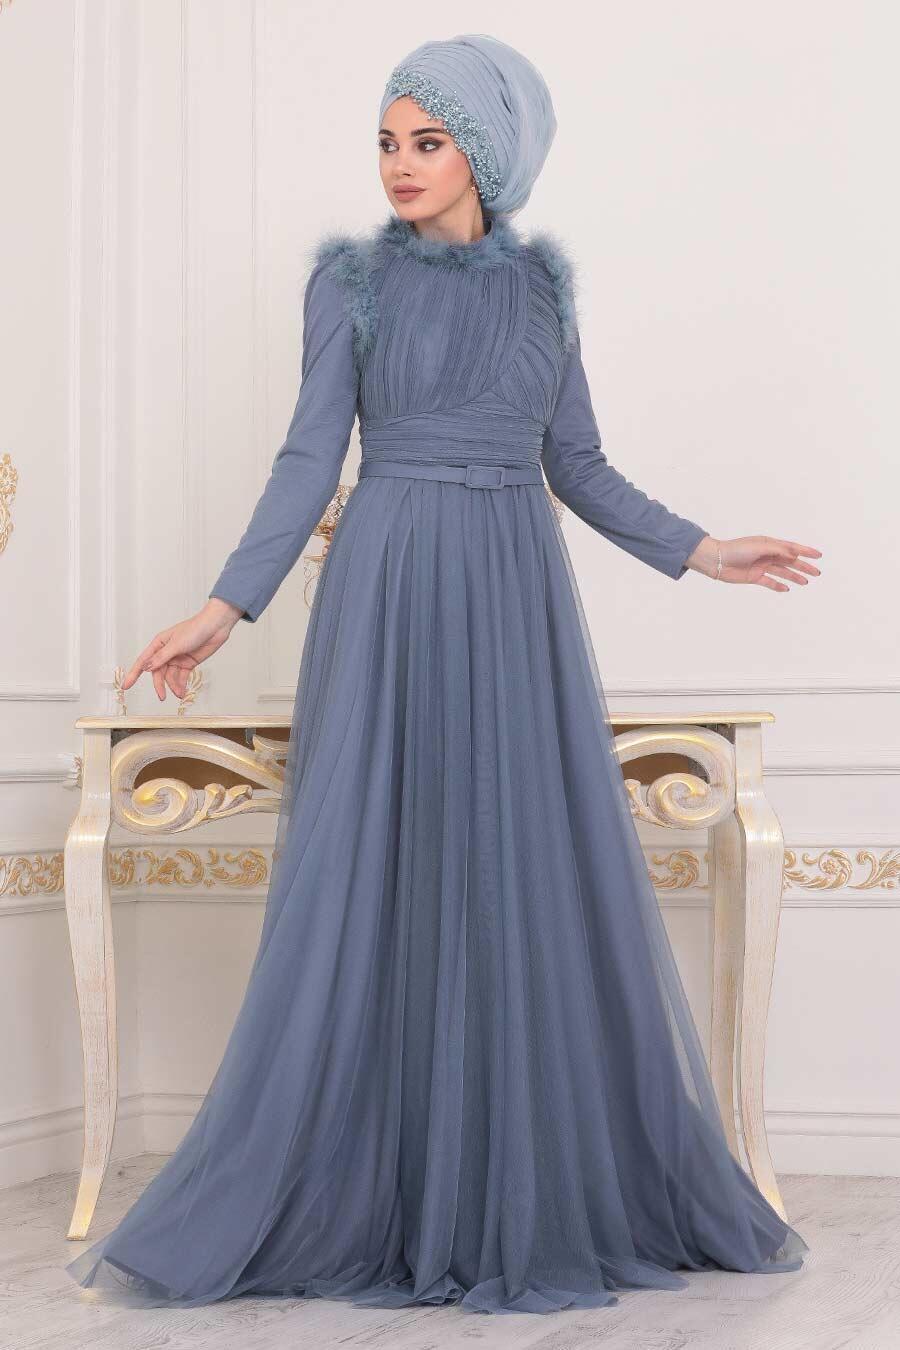 Tesettürlü Abiye Elbise - Püskül Detaylı Mavi Tesettür Abiye Elbise 39890M